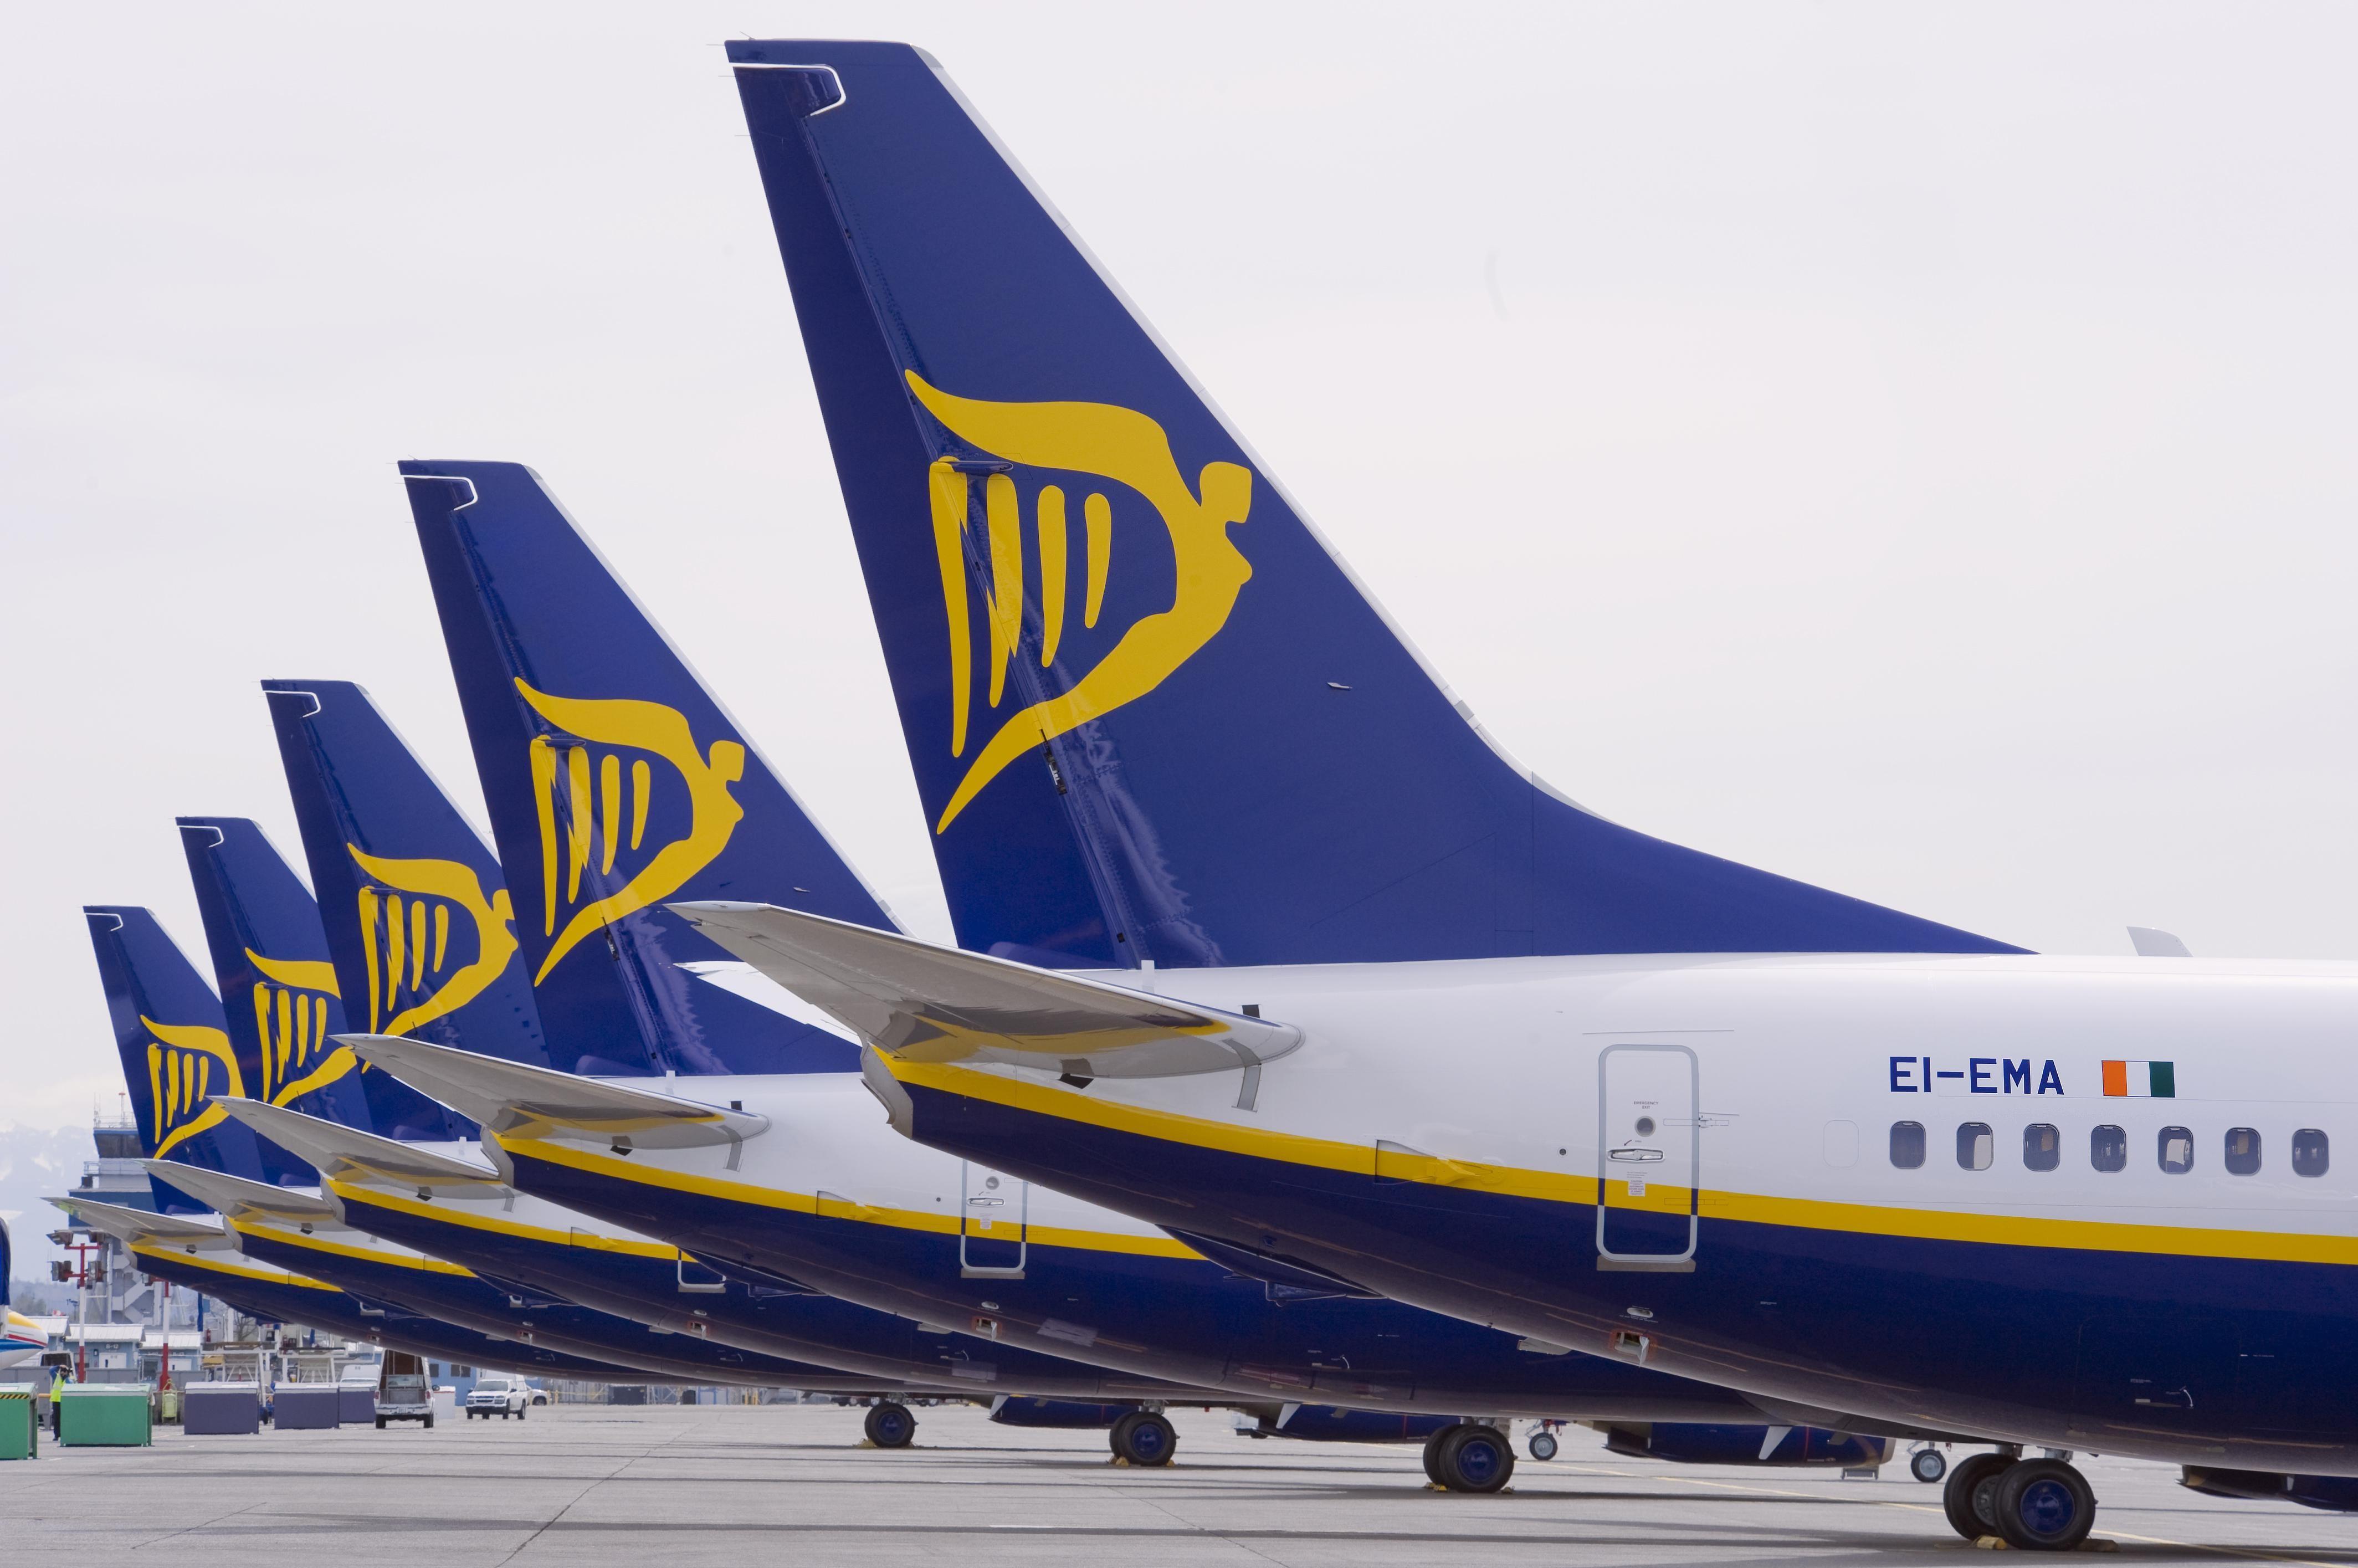 Siteul Ryanair.com și aplicațiile mobile vor fi indisponibile pentru câteva ore începând de mâine seară